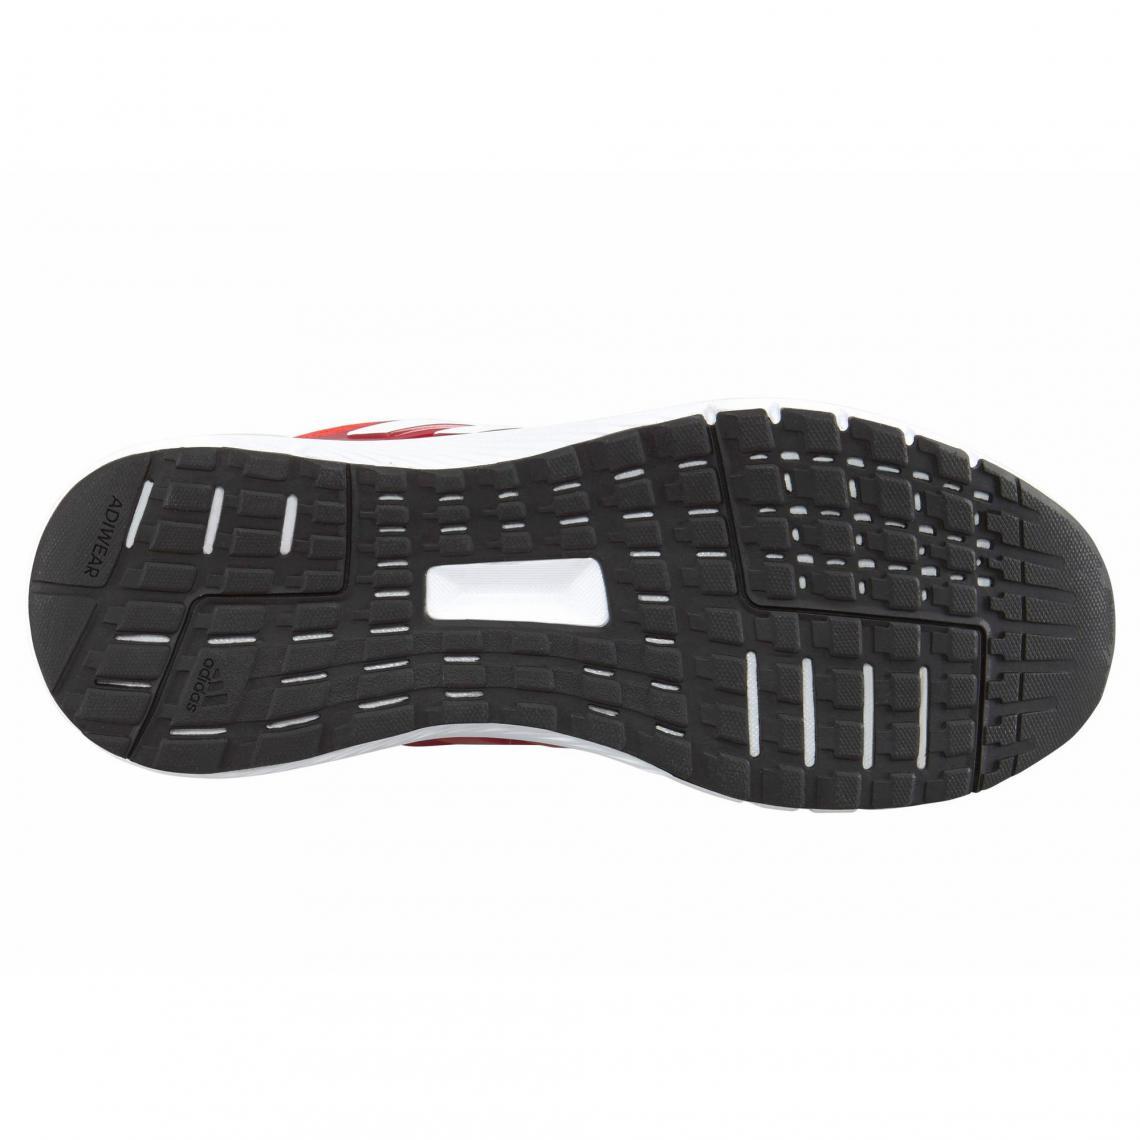 Chaussures de course homme Duramo 8 Trainer M adidas Performance Rouge 1 Avis